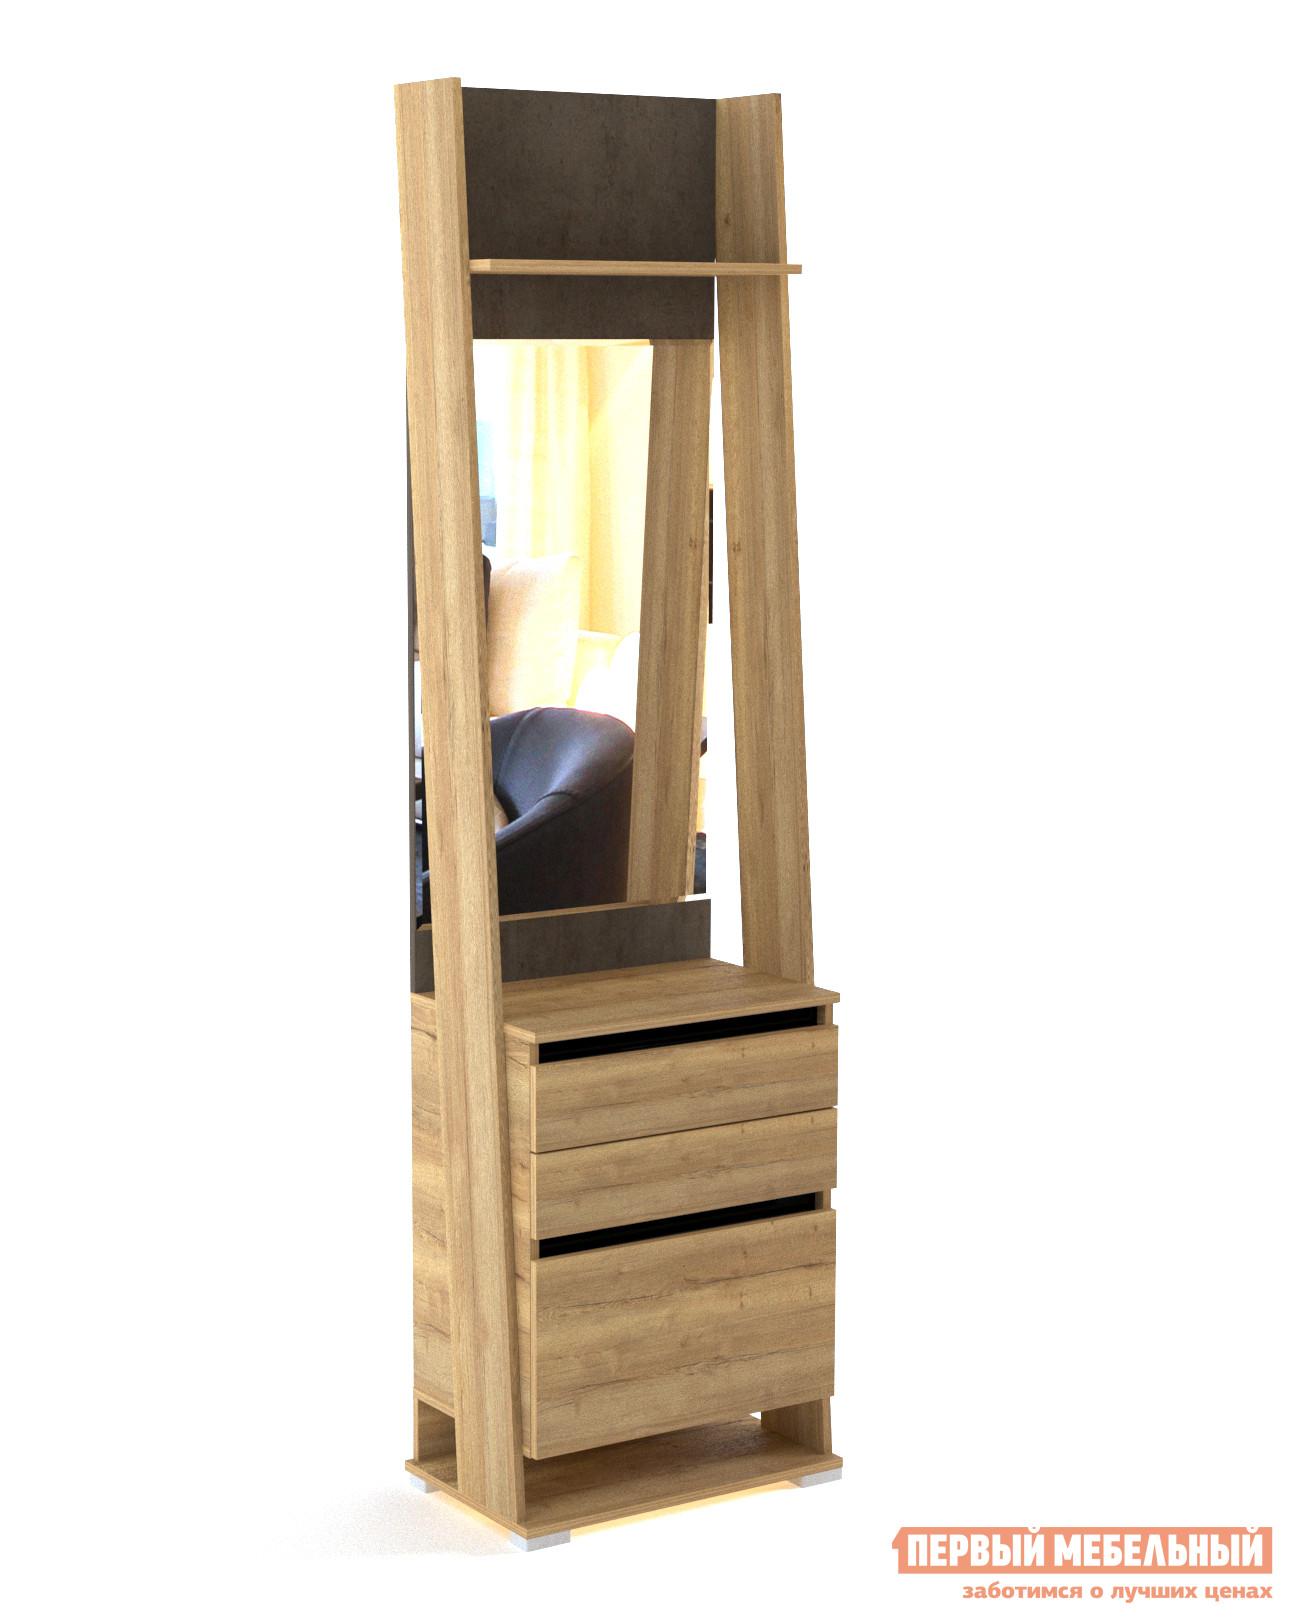 Прихожая  Стреза ПС-3 Шкаф открытый с зеркалом Дуб Галифакс / Бетон Чикаго